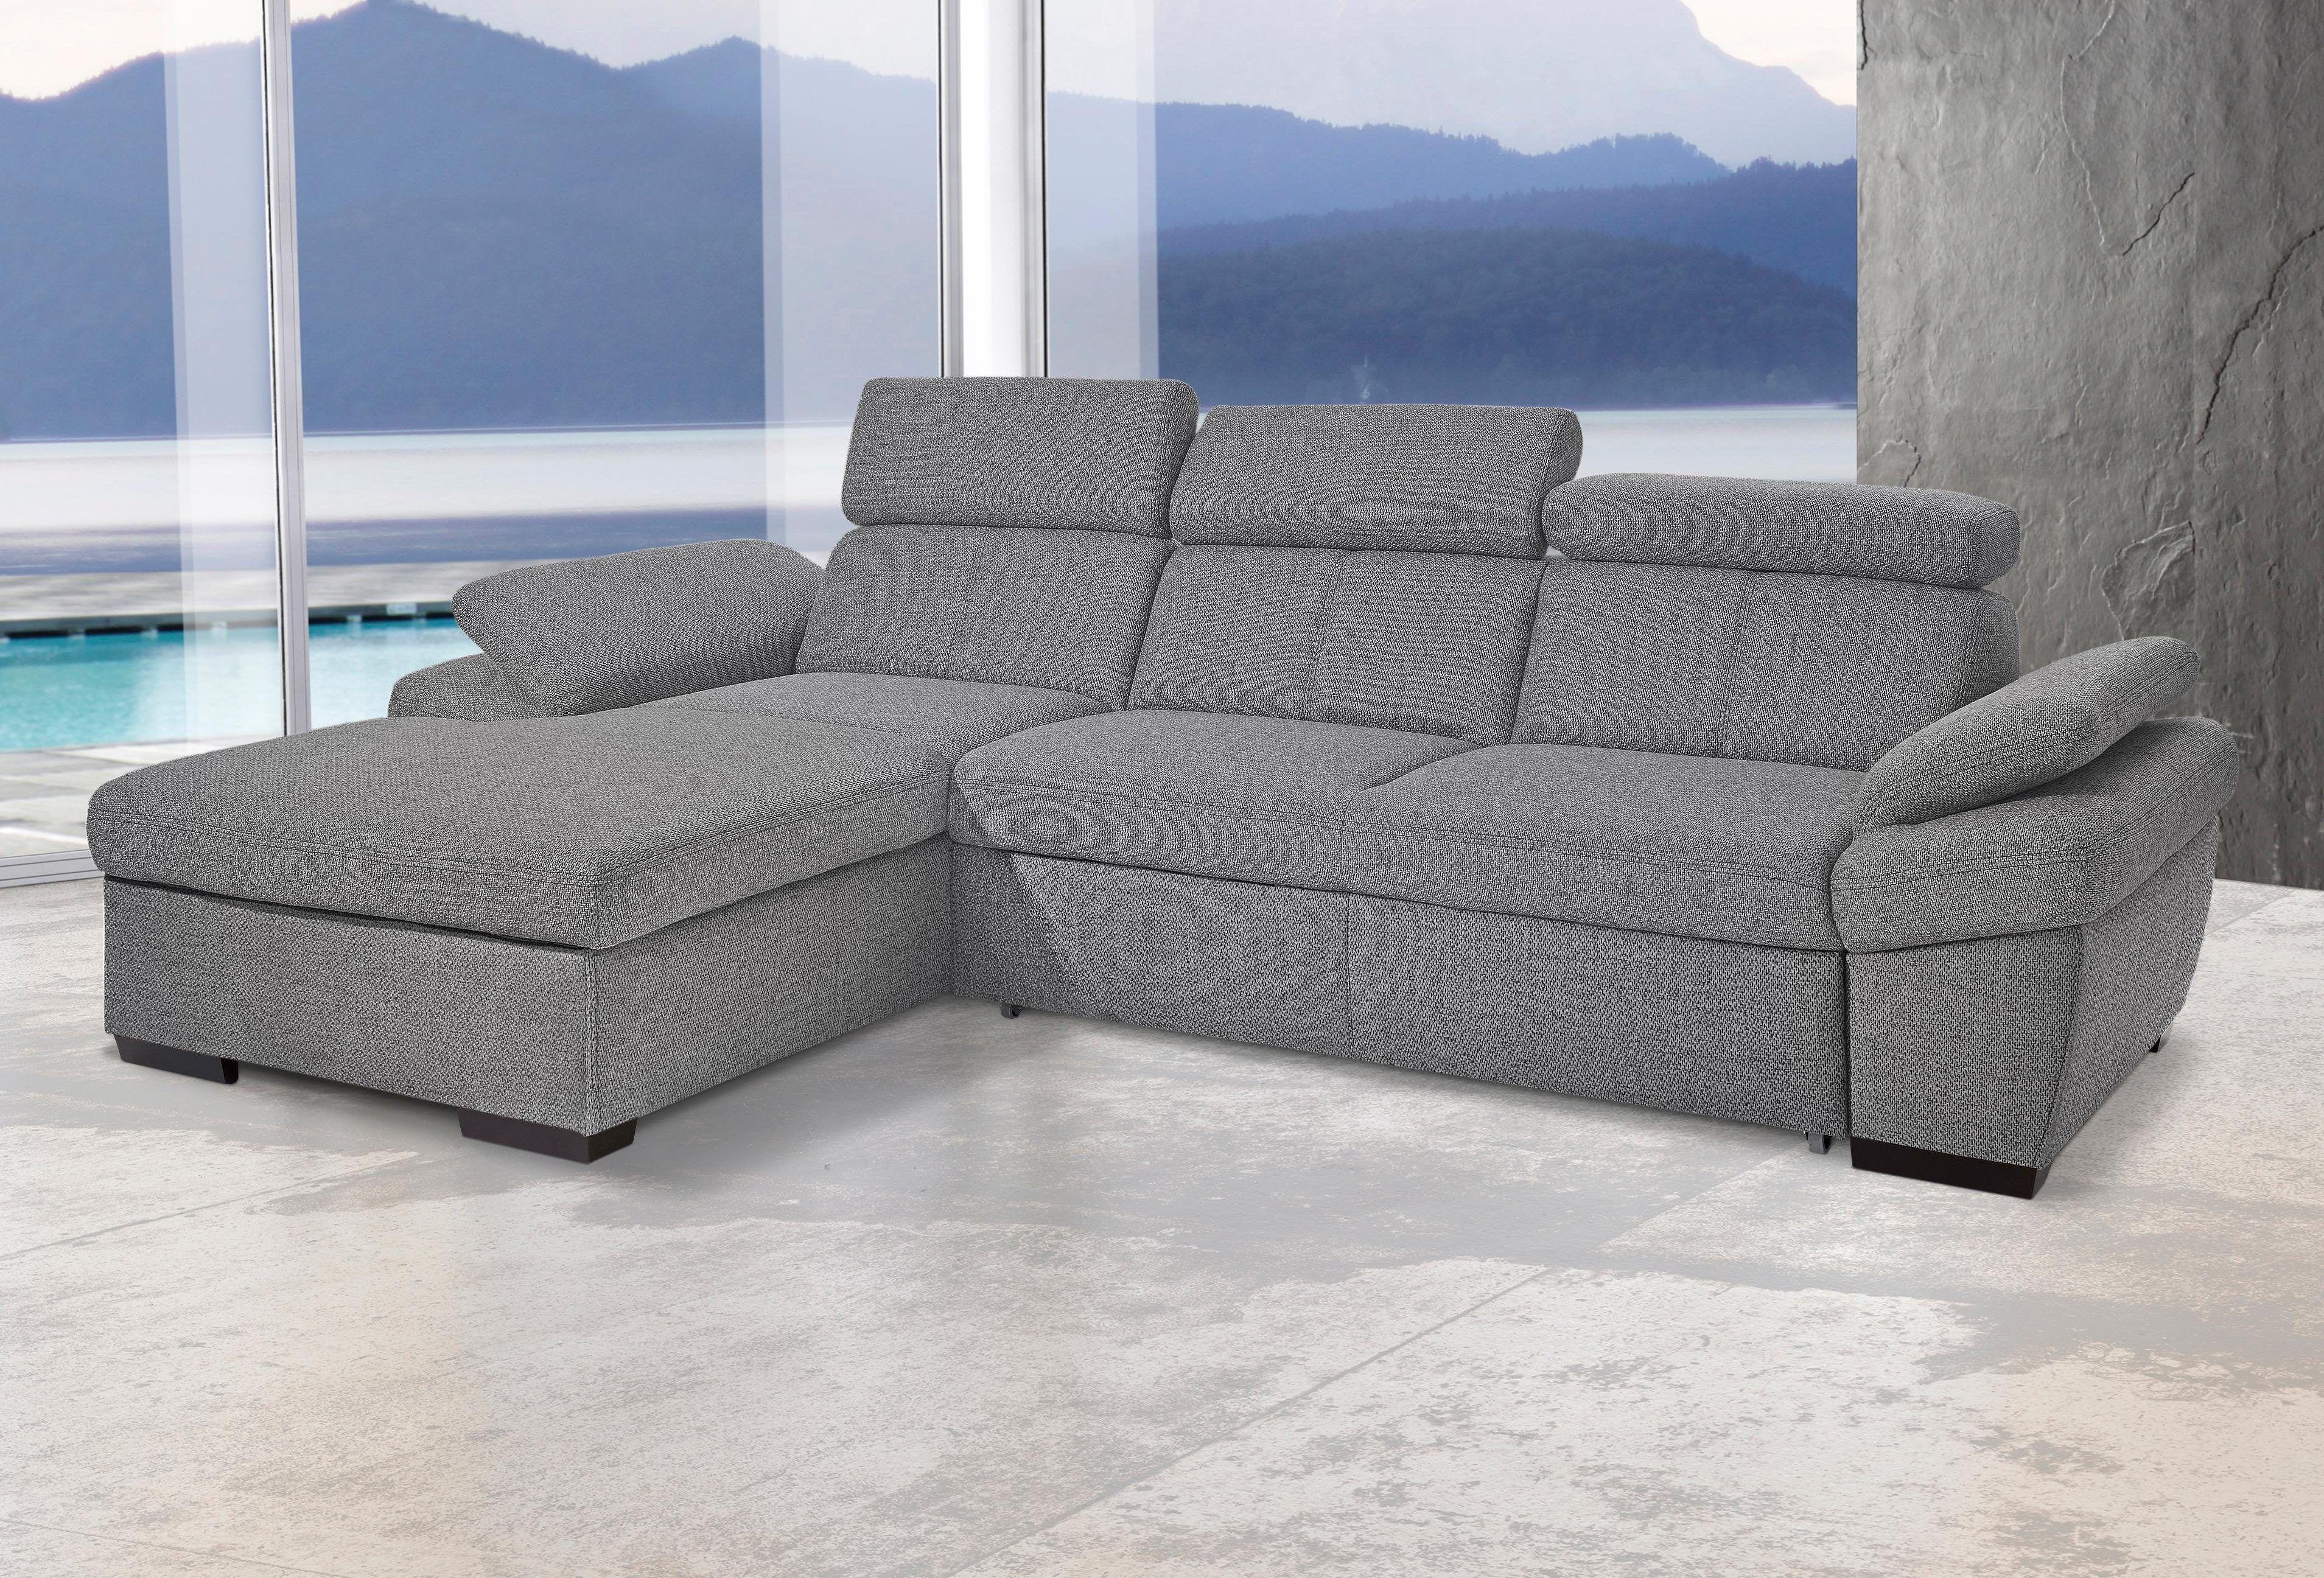 Wundervoll Sofa Mit Recamiere Ideen Von Exxpo Ecksofa Grau, Links, Bettkasten, Fsc®-zertifiziert Jetzt